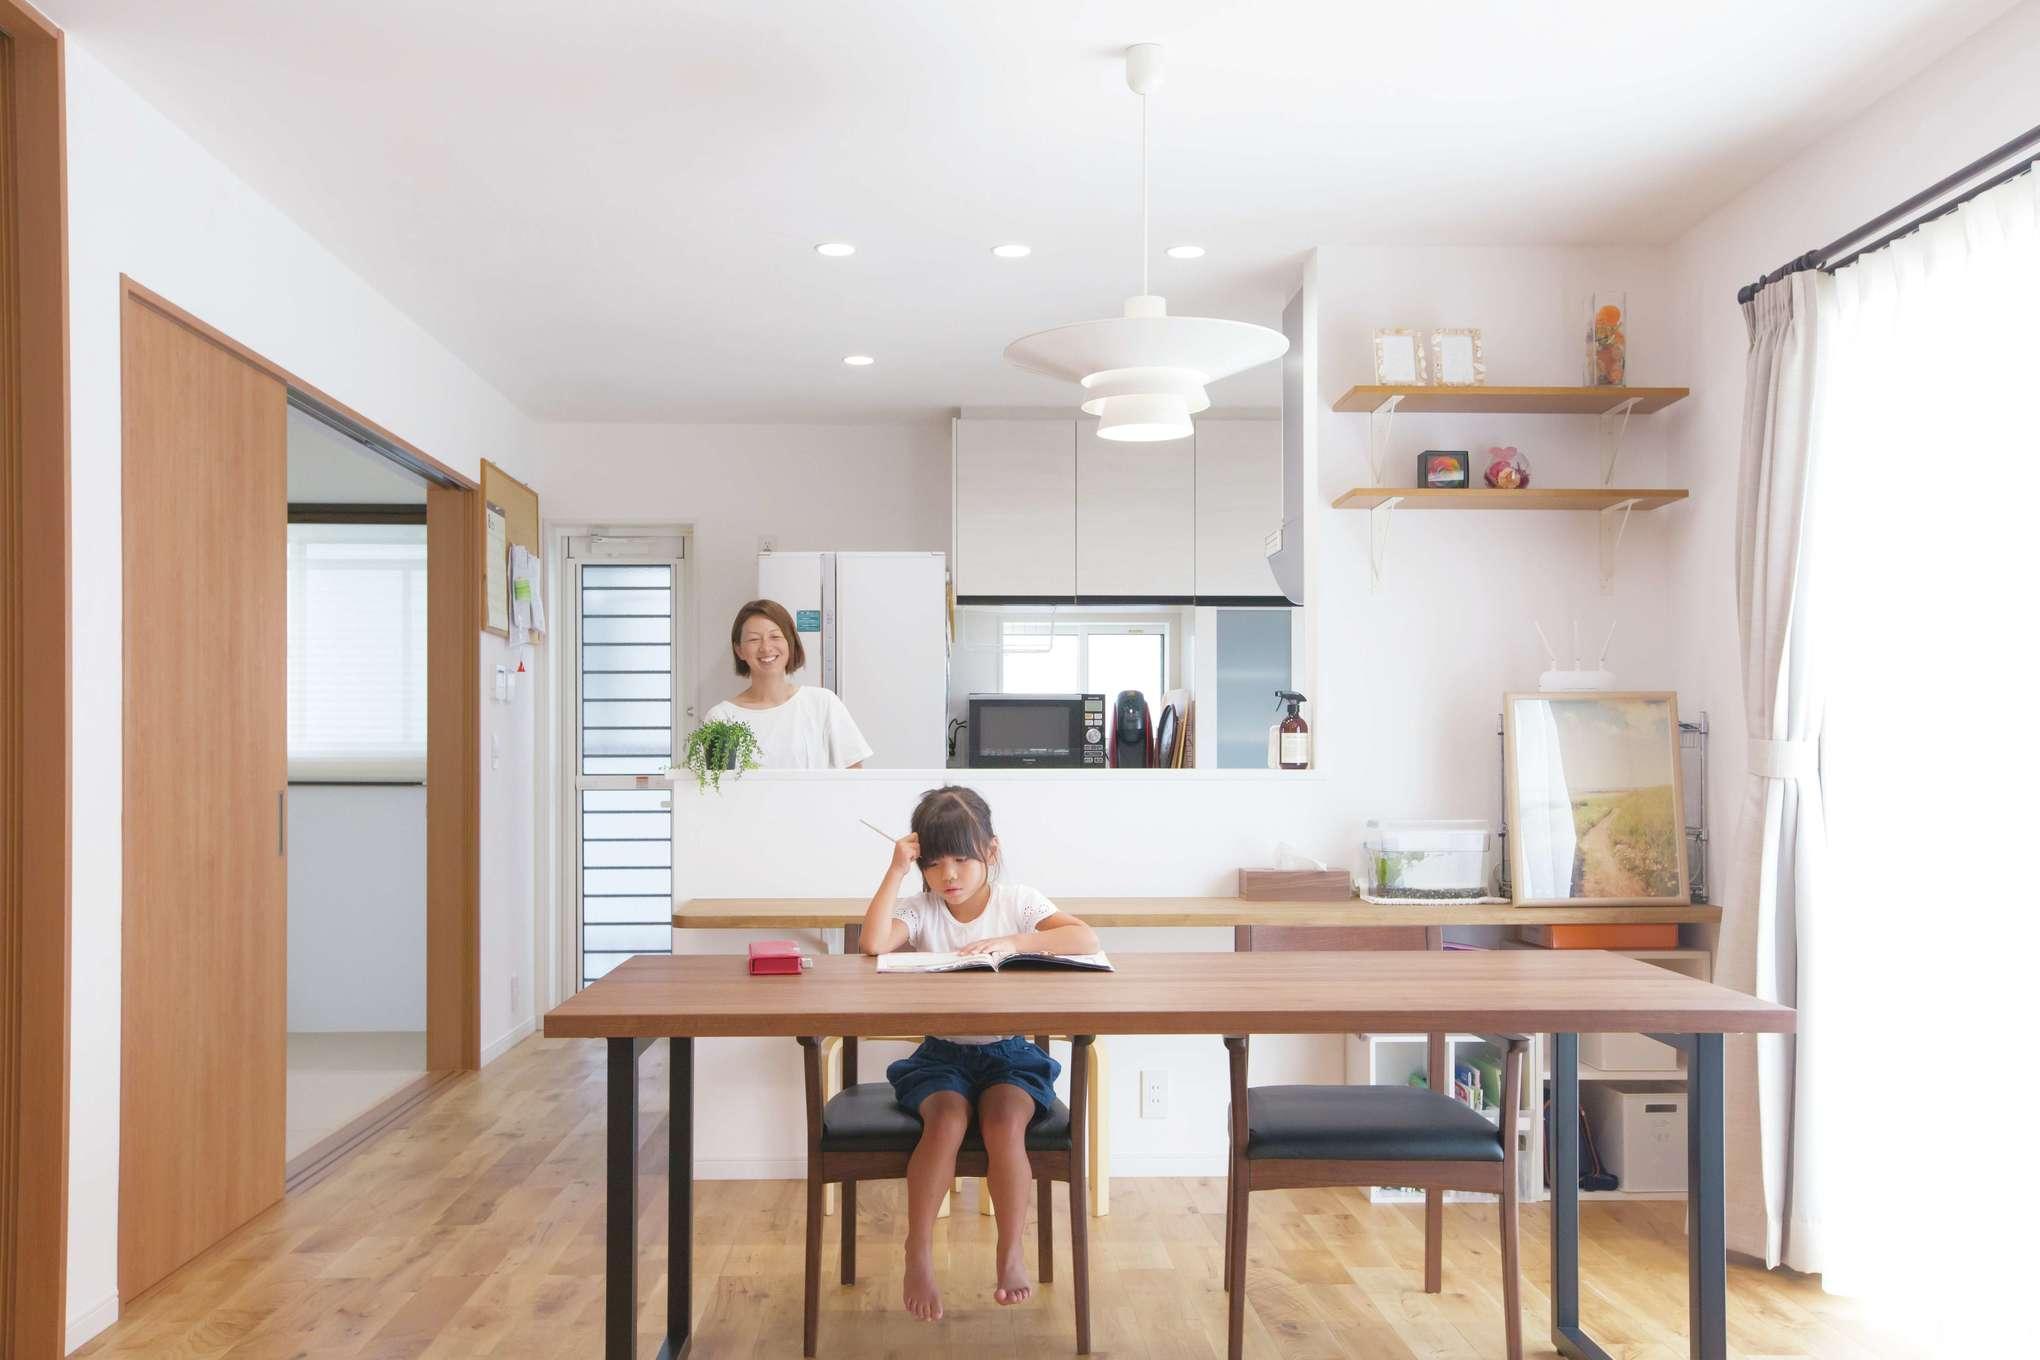 対面キッチンの前には木のカウンターと大きなダイニングテーブルがあり、キッチンからいつでも家族の様子を見守れる。キッチンの隣には和室がある